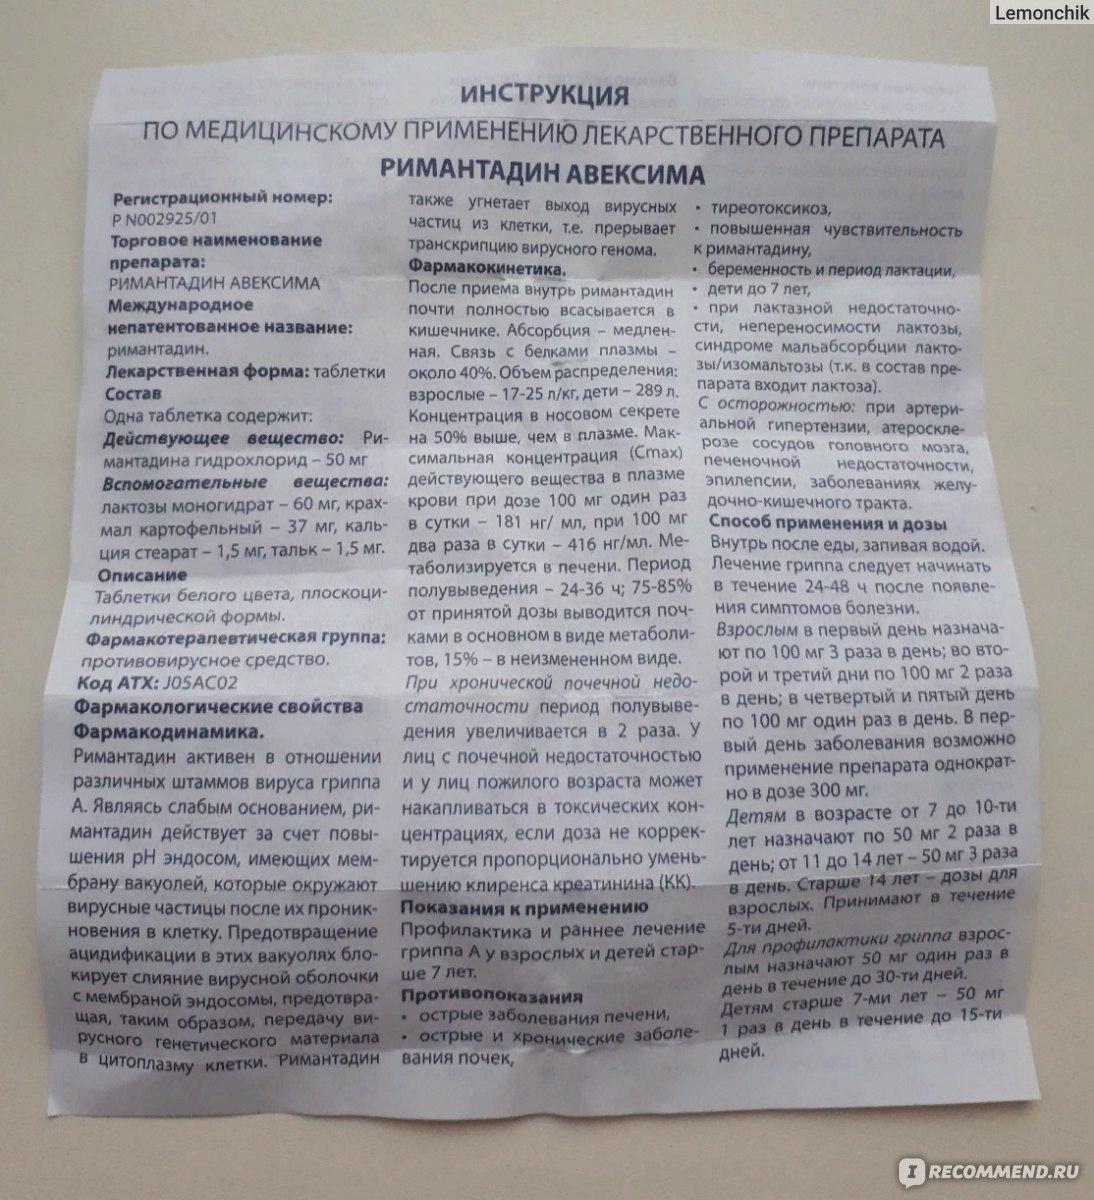 Донормил® (donormyl)